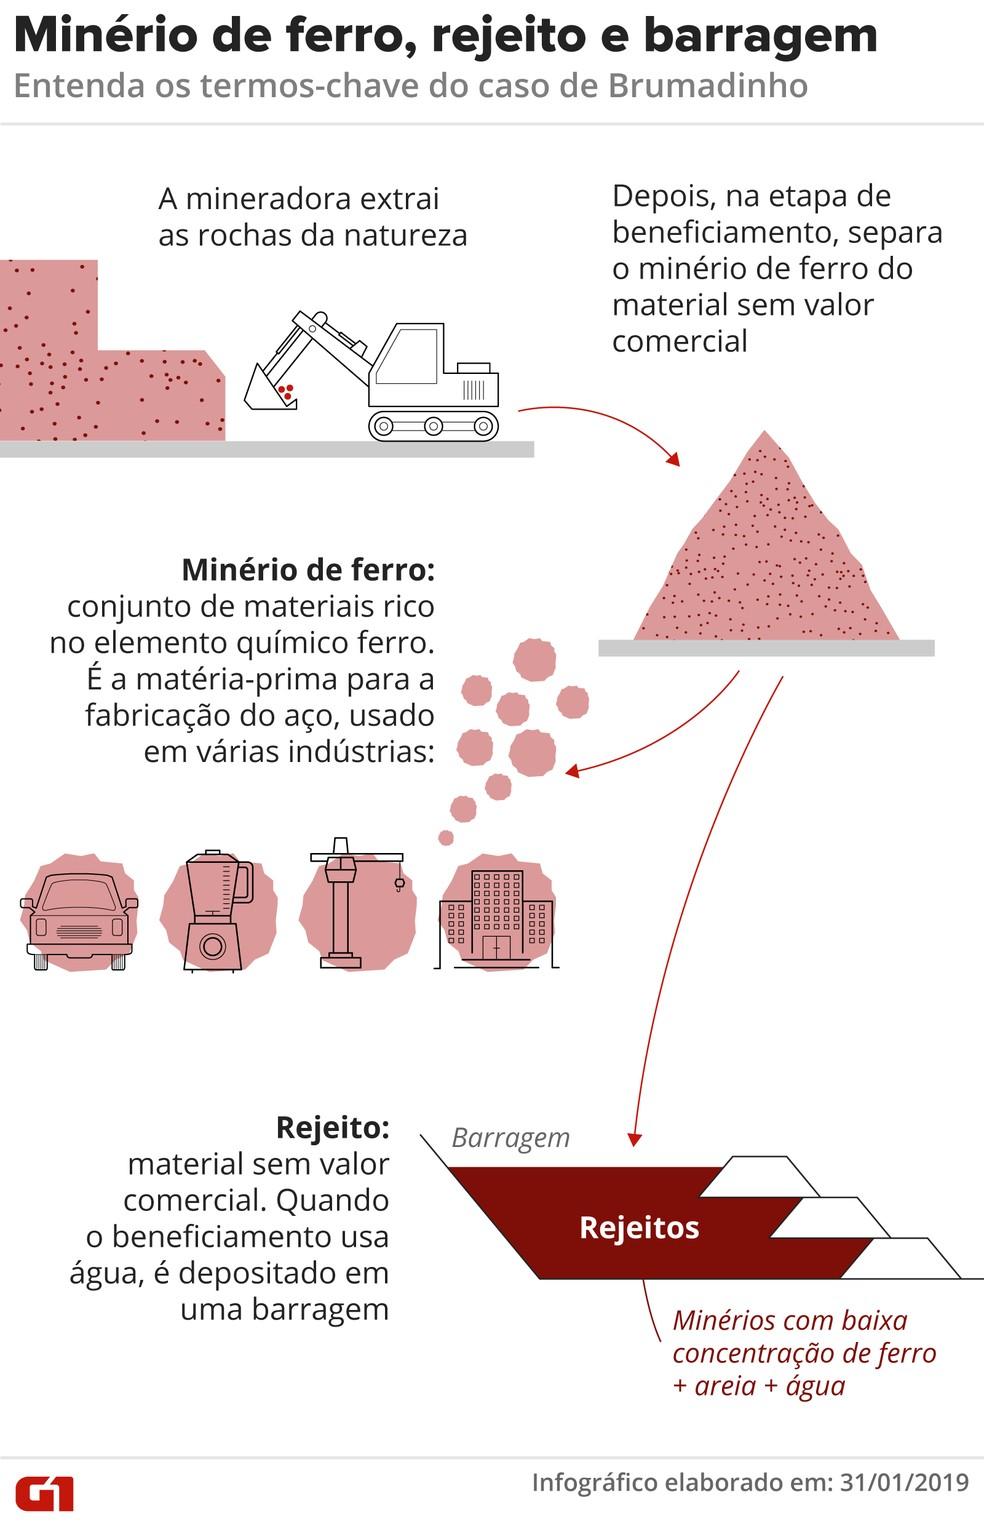 Entenda o que é minério de ferro, rejeito e barragem — Foto: Alexandre Mauro/G1